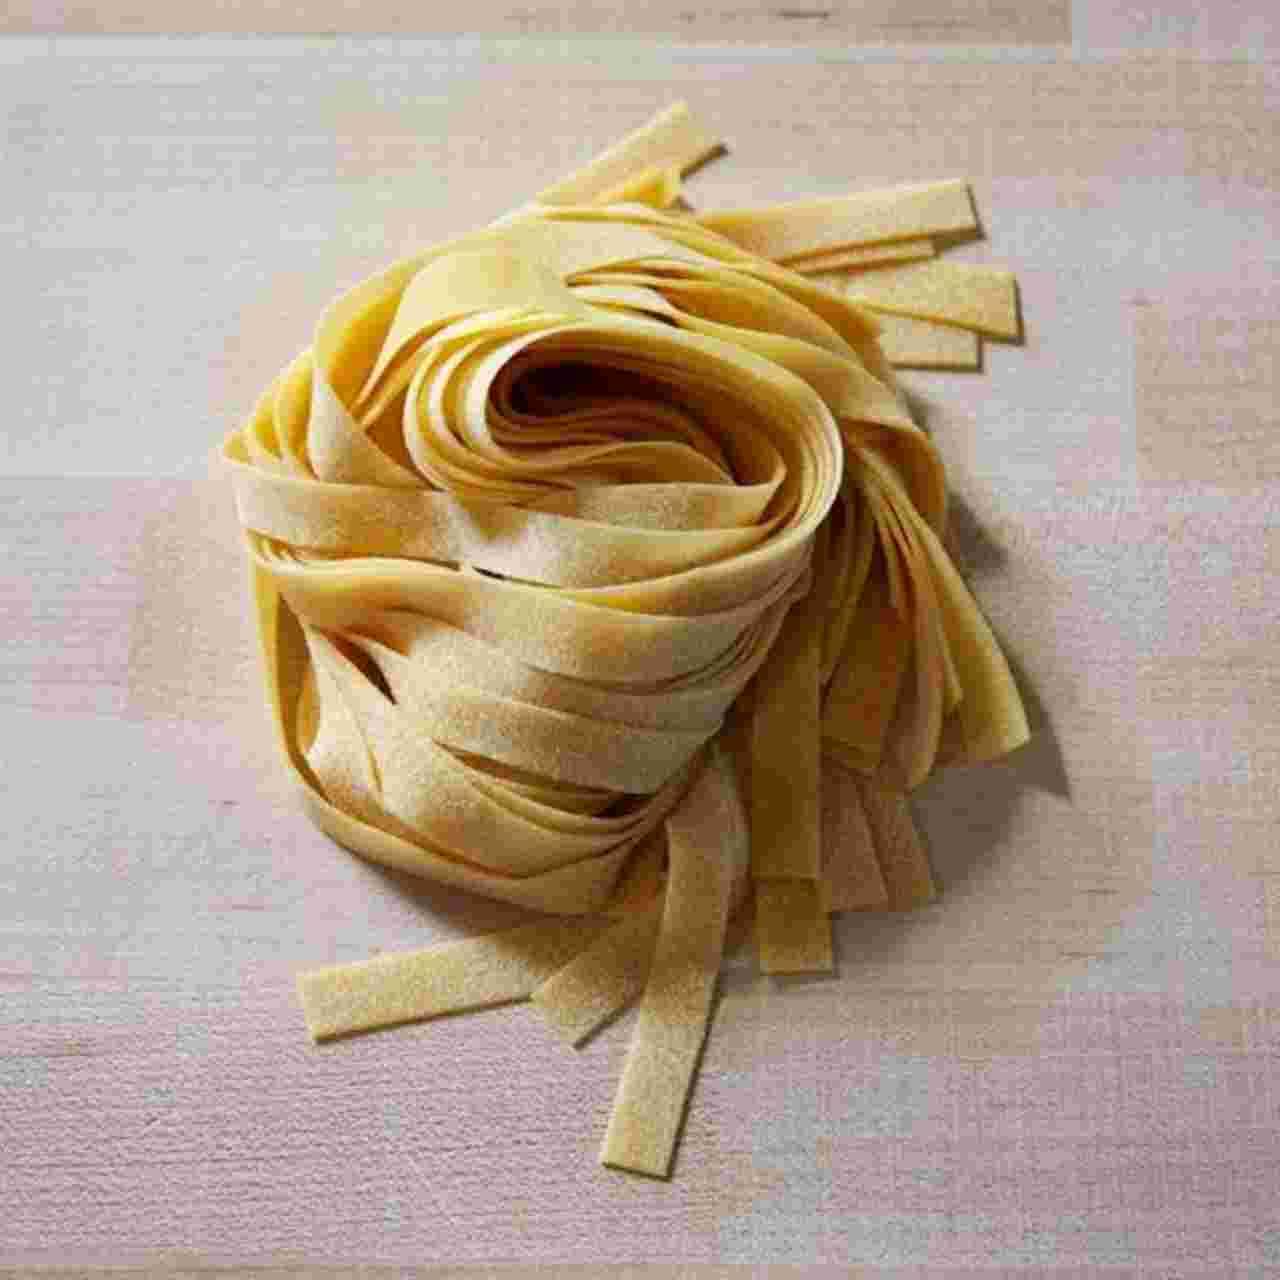 When Pasta Speaks